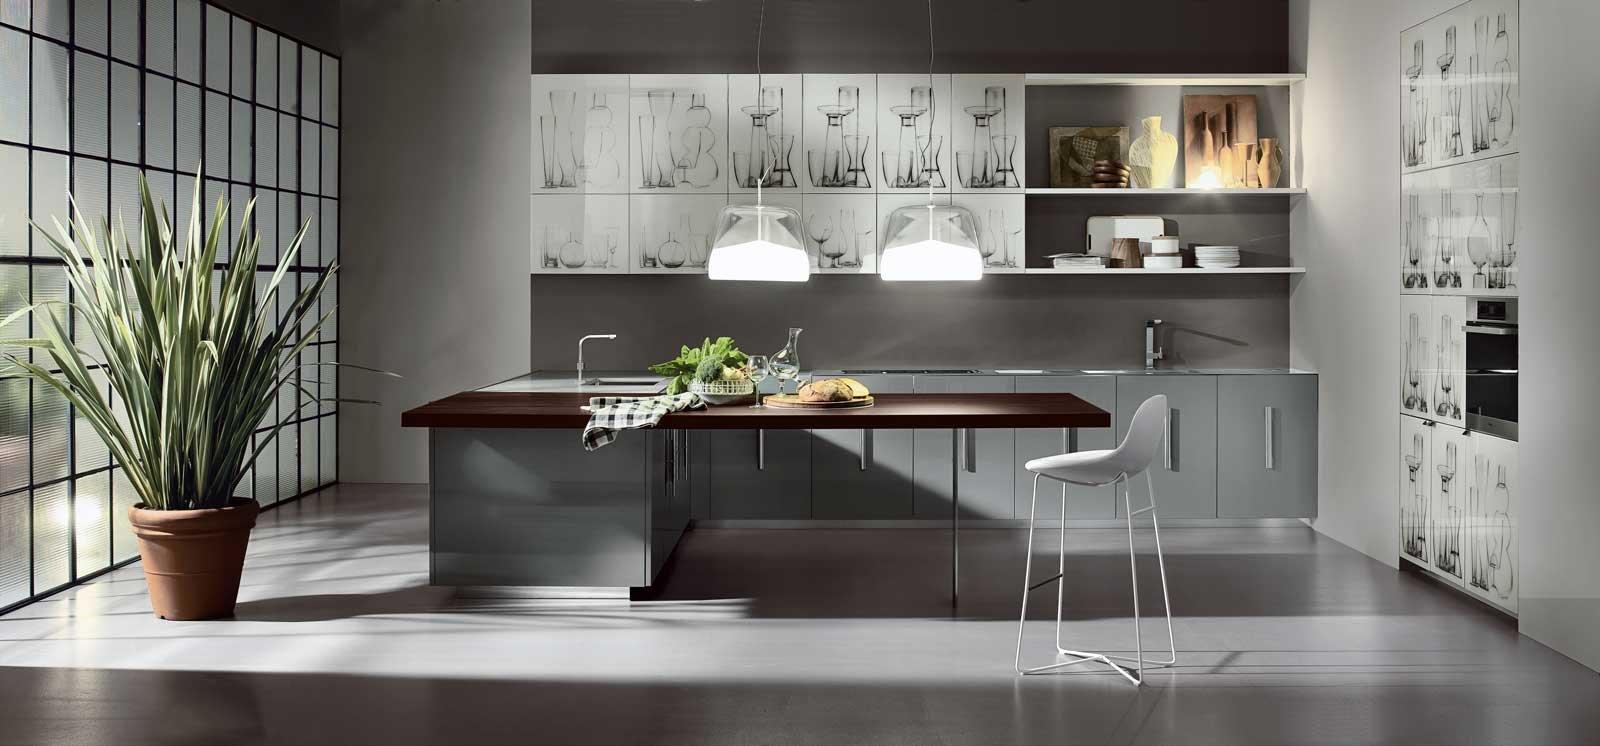 Cucine in vetro laccato - Cose di Casa